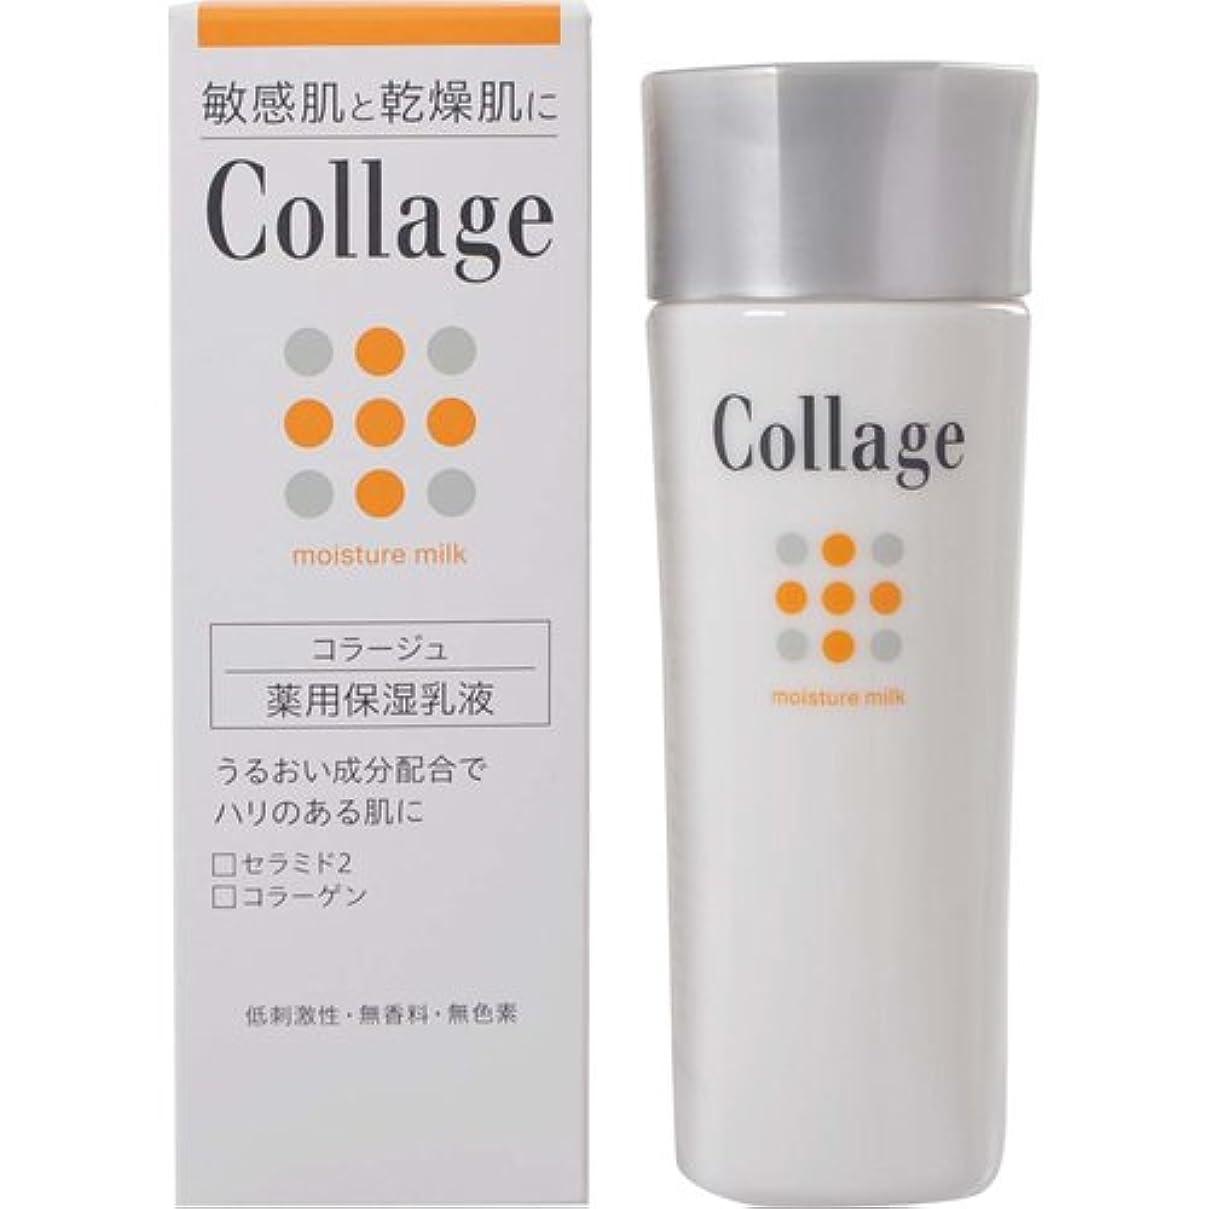 枯れるジャンプ粘土コラージュ 薬用保湿乳液 80mL 【医薬部外品】